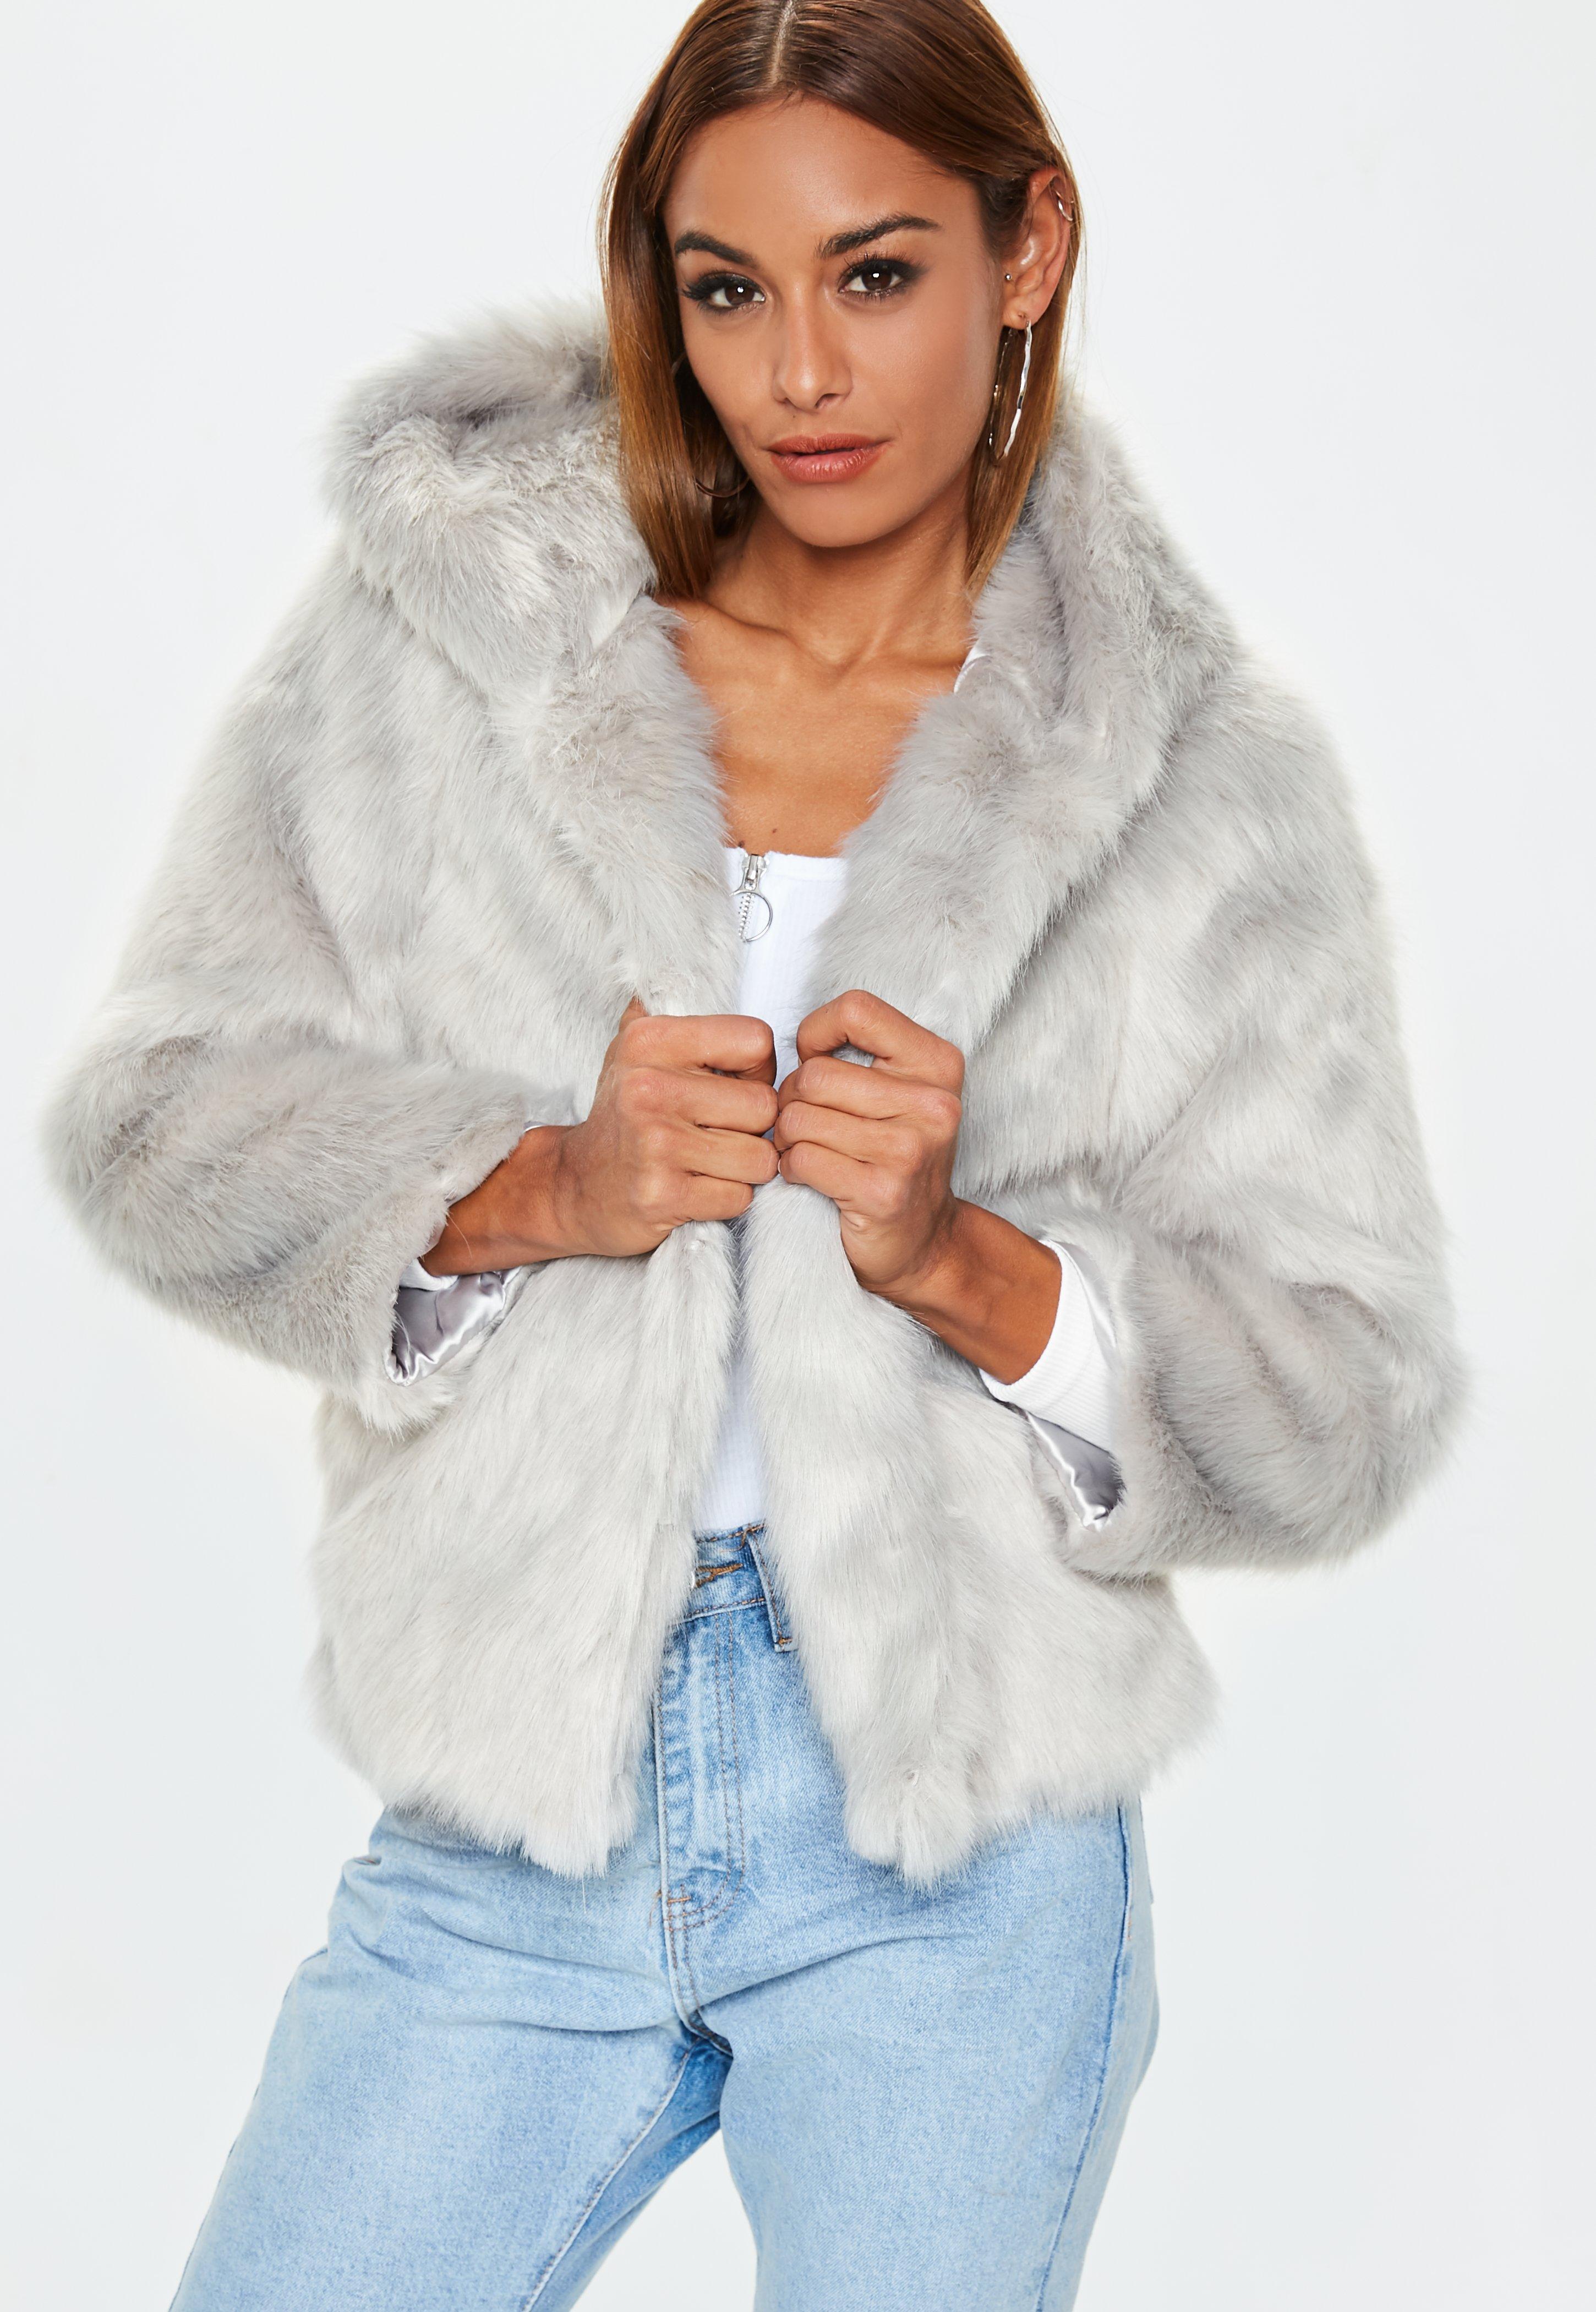 f1c807ff5a4ad Faux Fur Coats